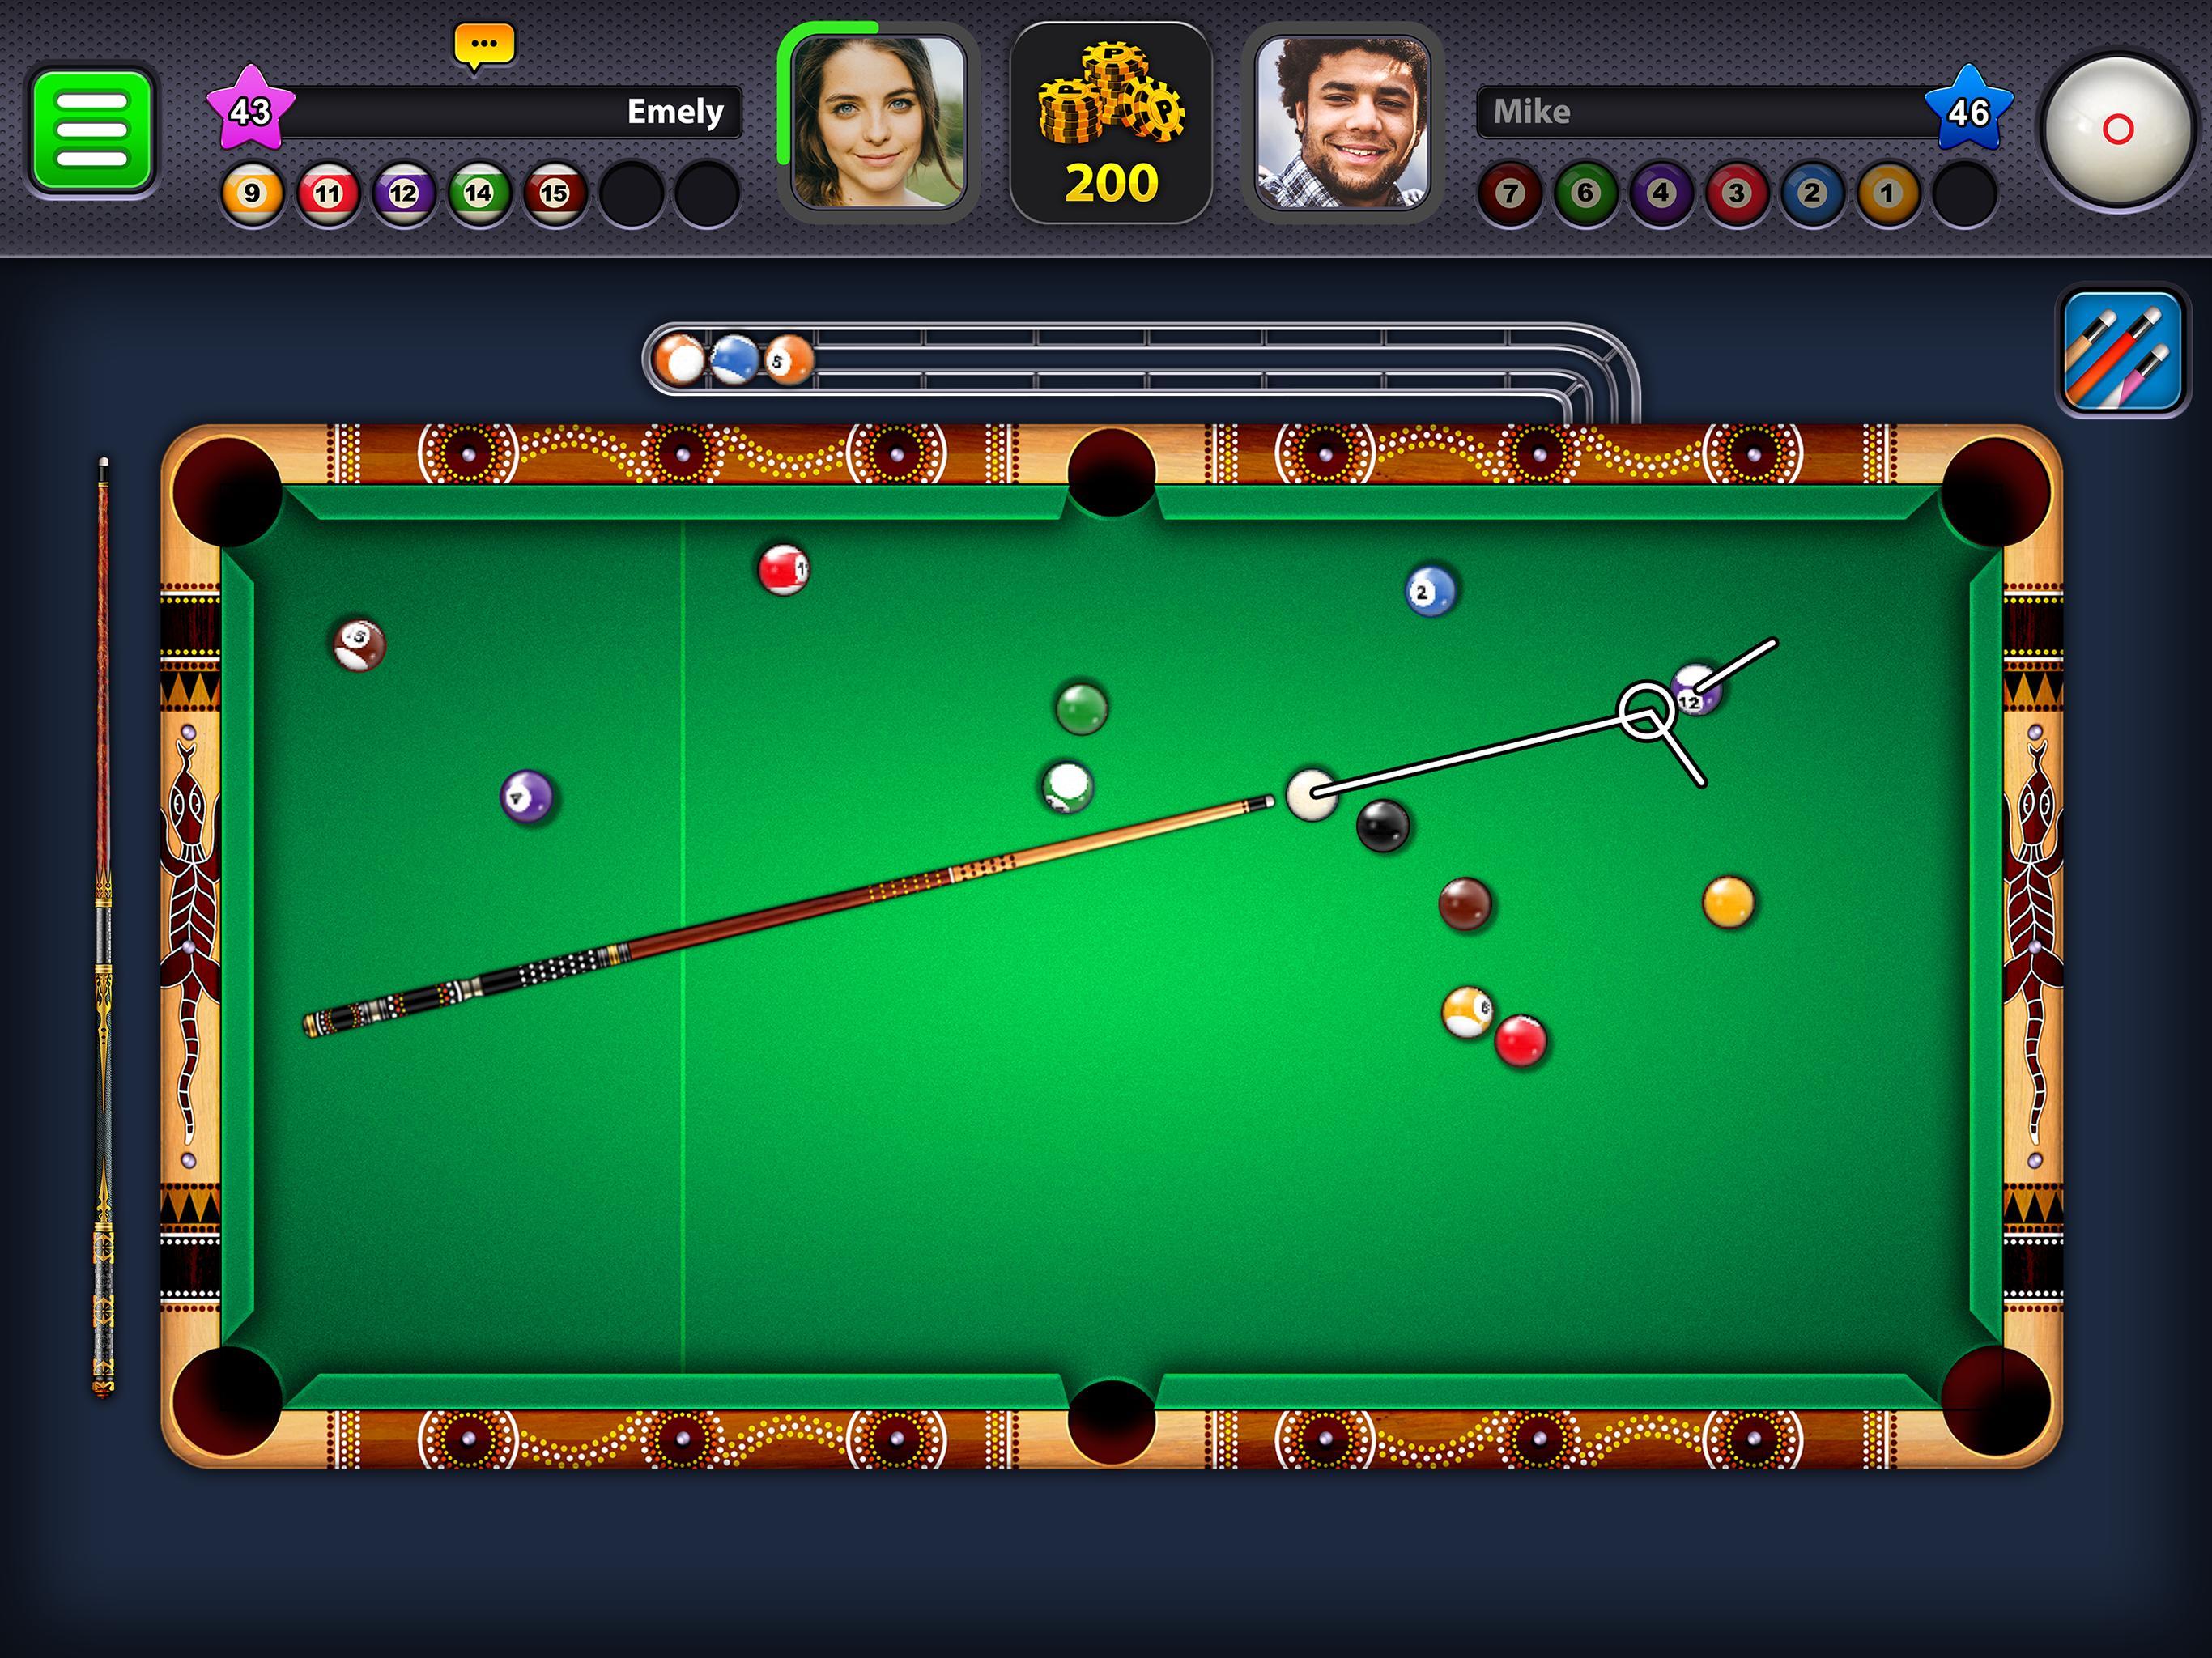 8 Ball Pool 8 Ball Pool